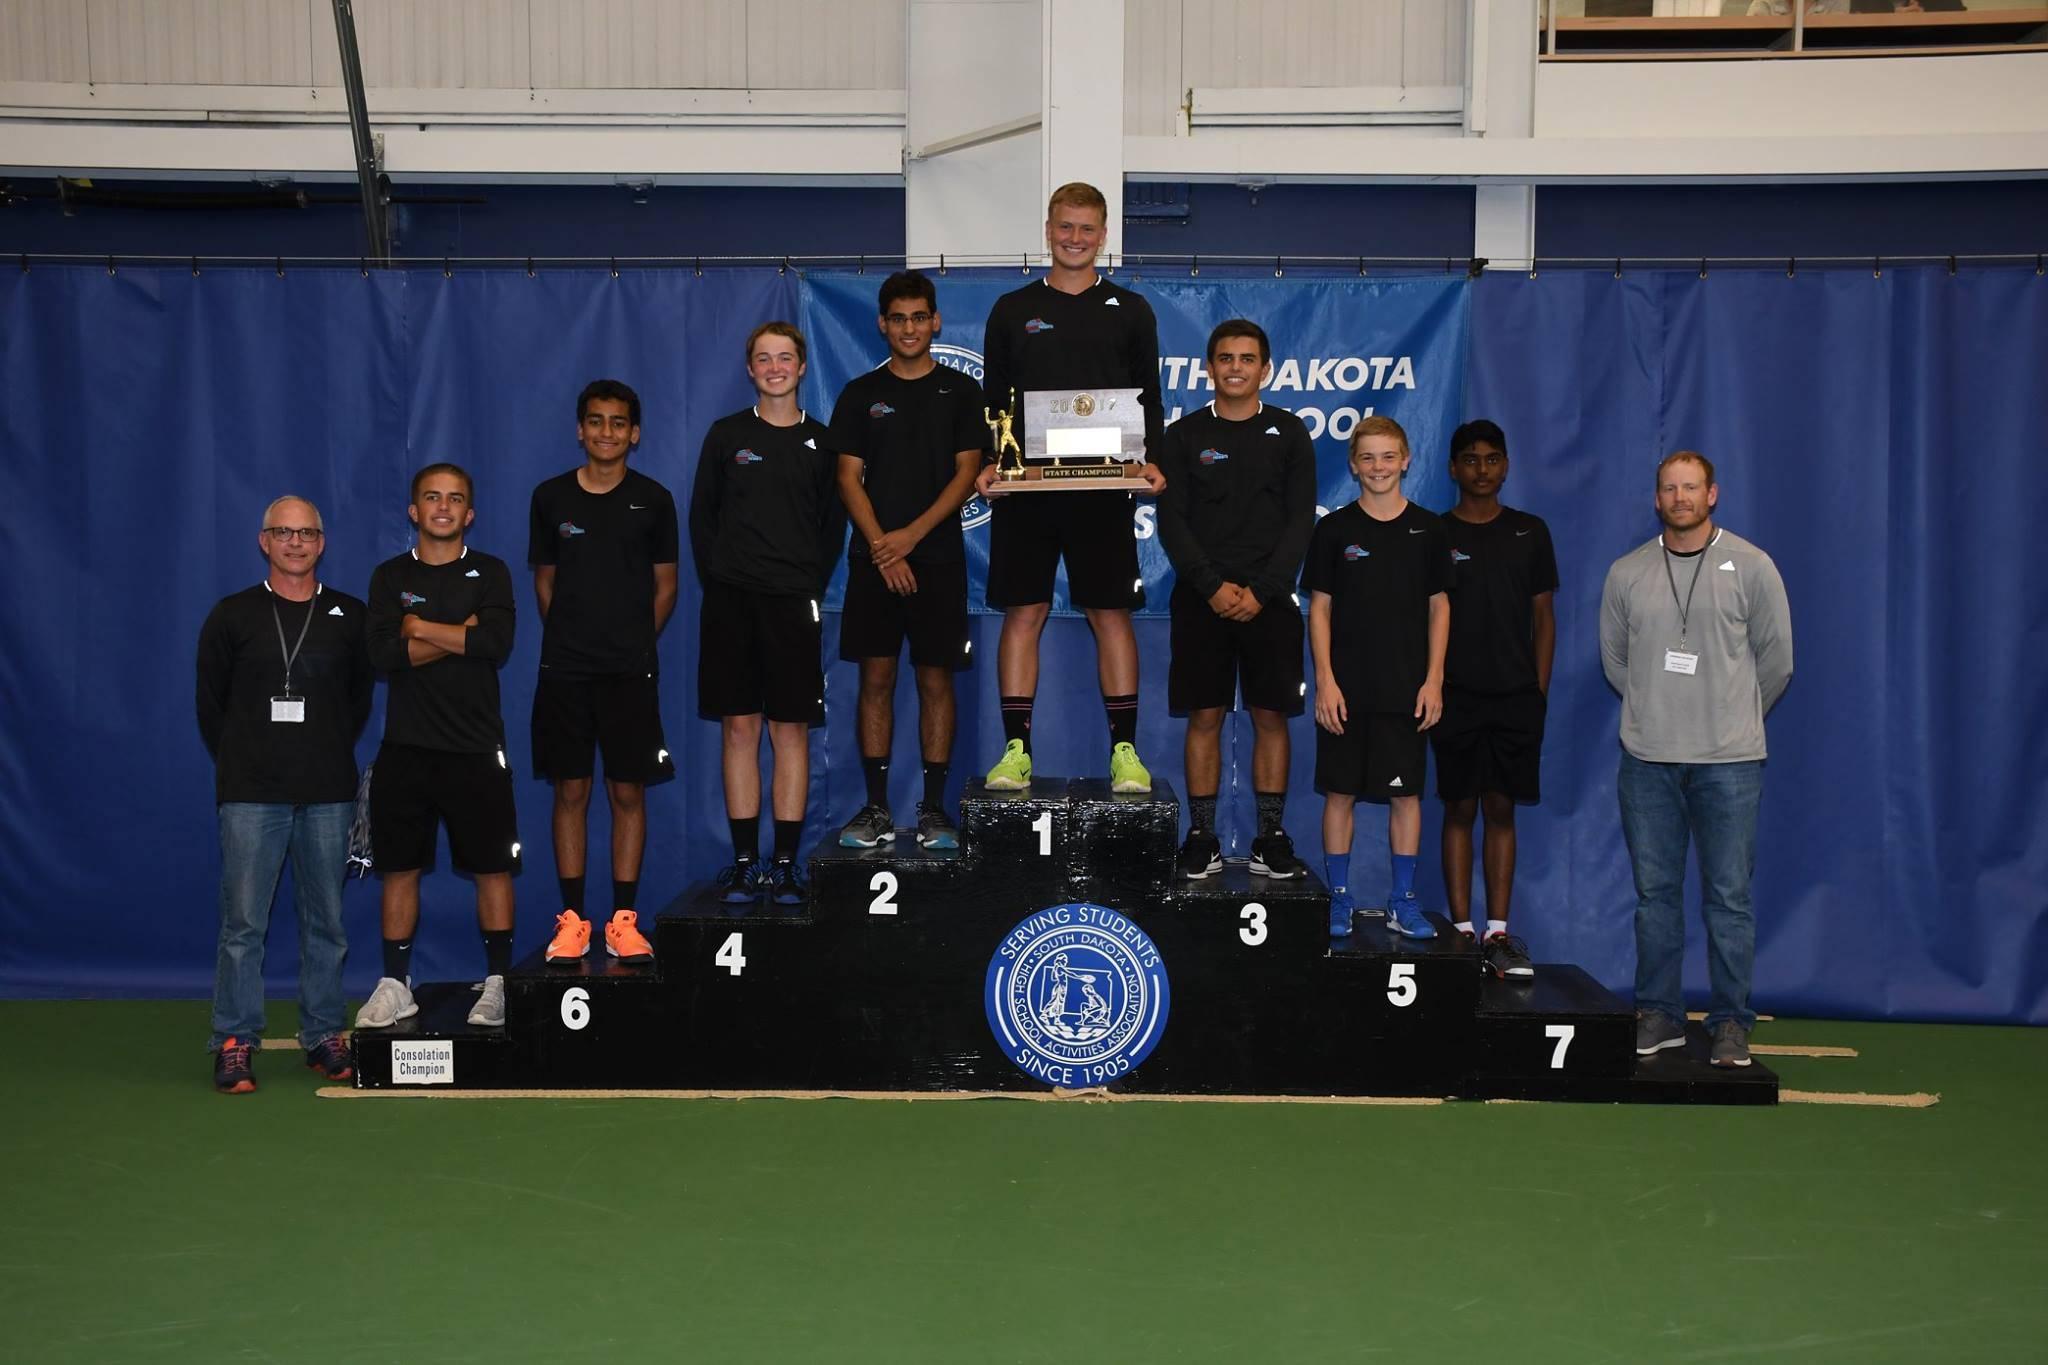 Sioux Falls Lincoln boys tennis team